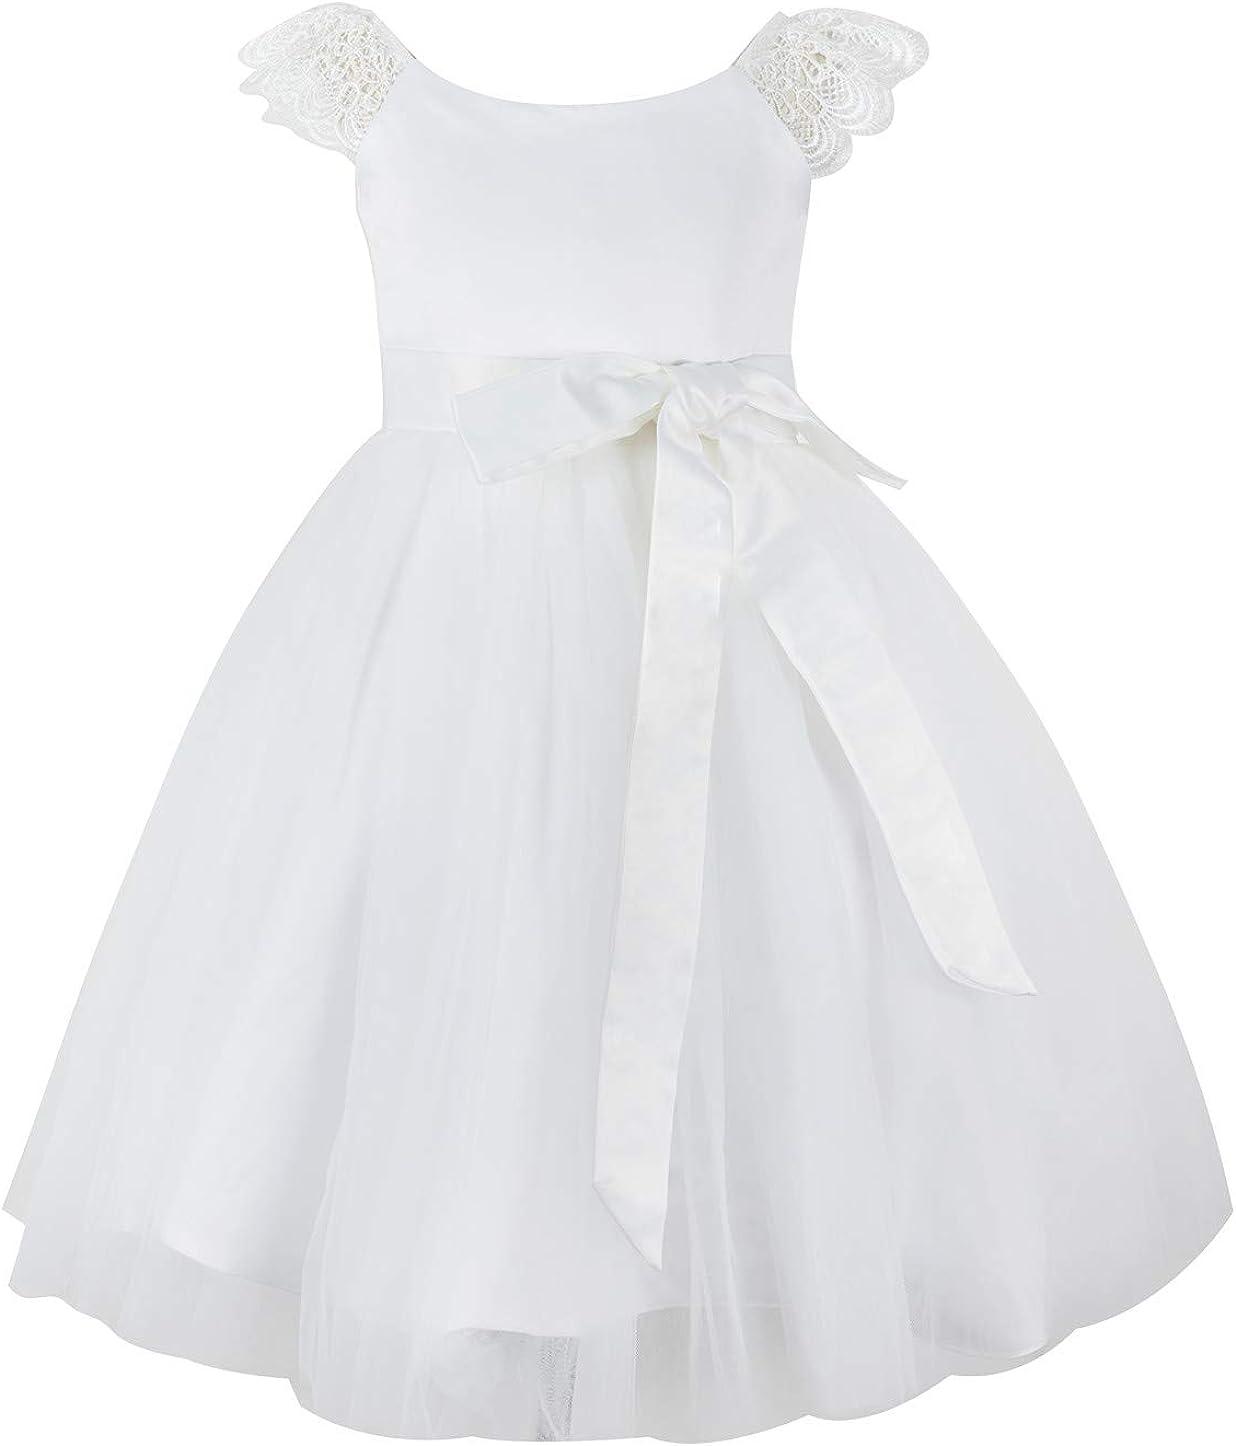 Mrprettys Off White Lace Tulle Flower Girl Dress Girls Wedding Party Dress Little Girl Dress Toddler Dress